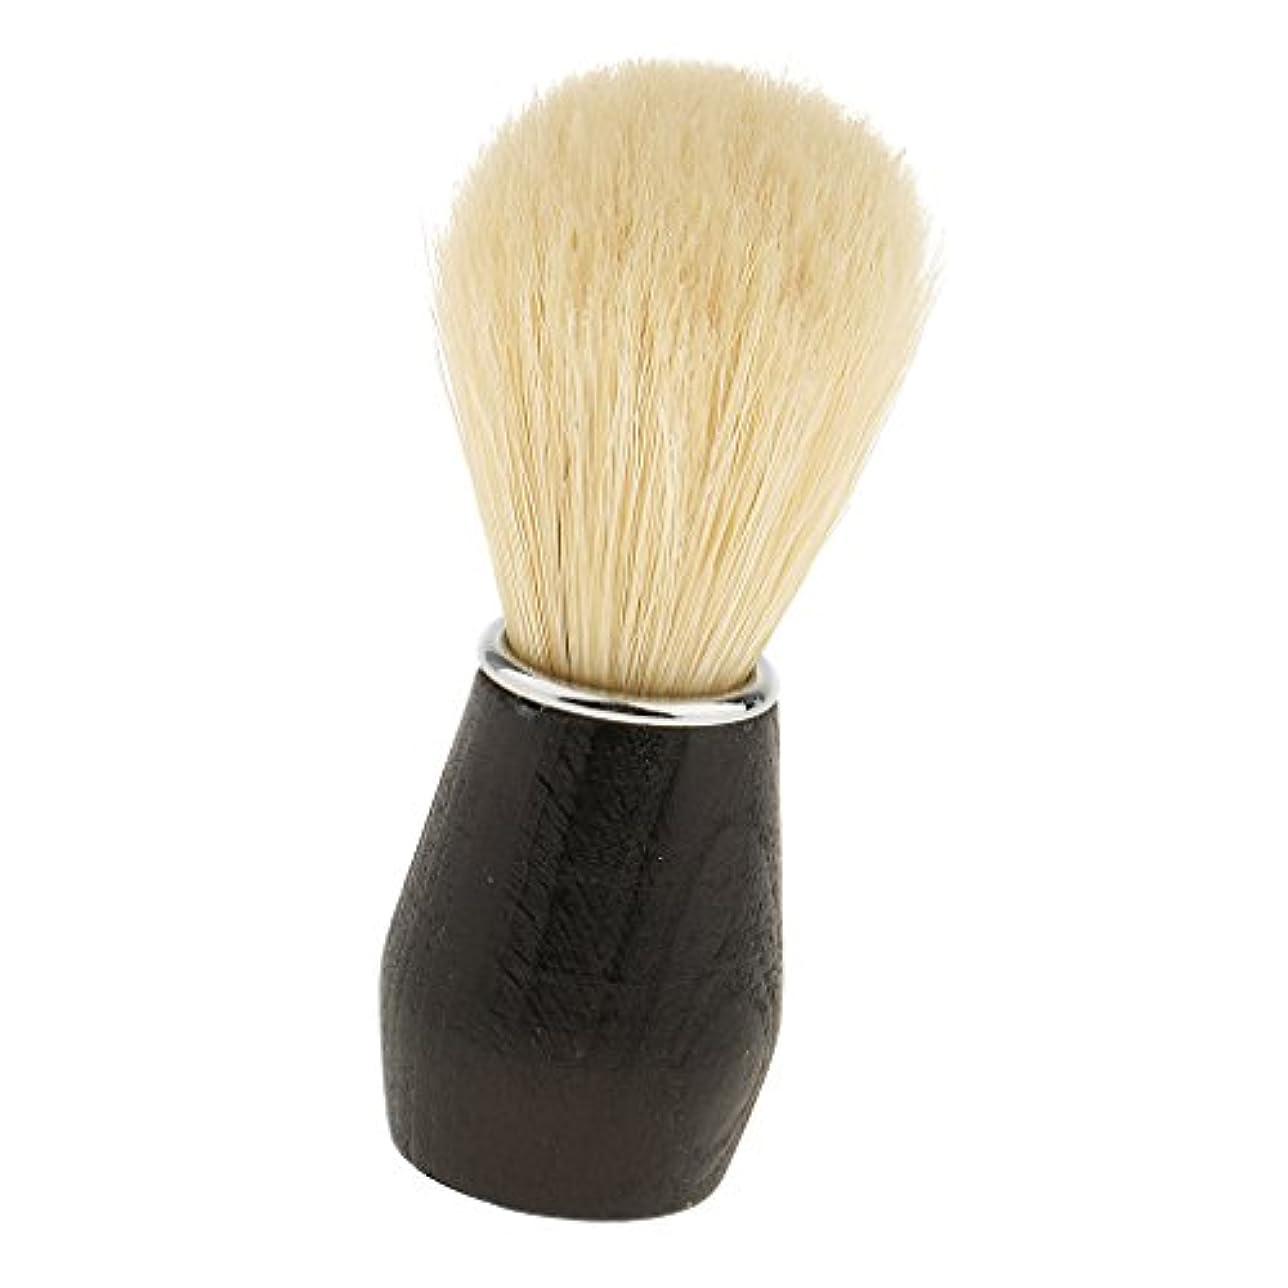 正確安西廃止Baosity 父のギフト ソフト 実用的 プロフェッショナル バーバーサロン家庭用 ひげ剃りブラシ プラスチックハンドル フェイシャルクリーニングブラシ ブラック